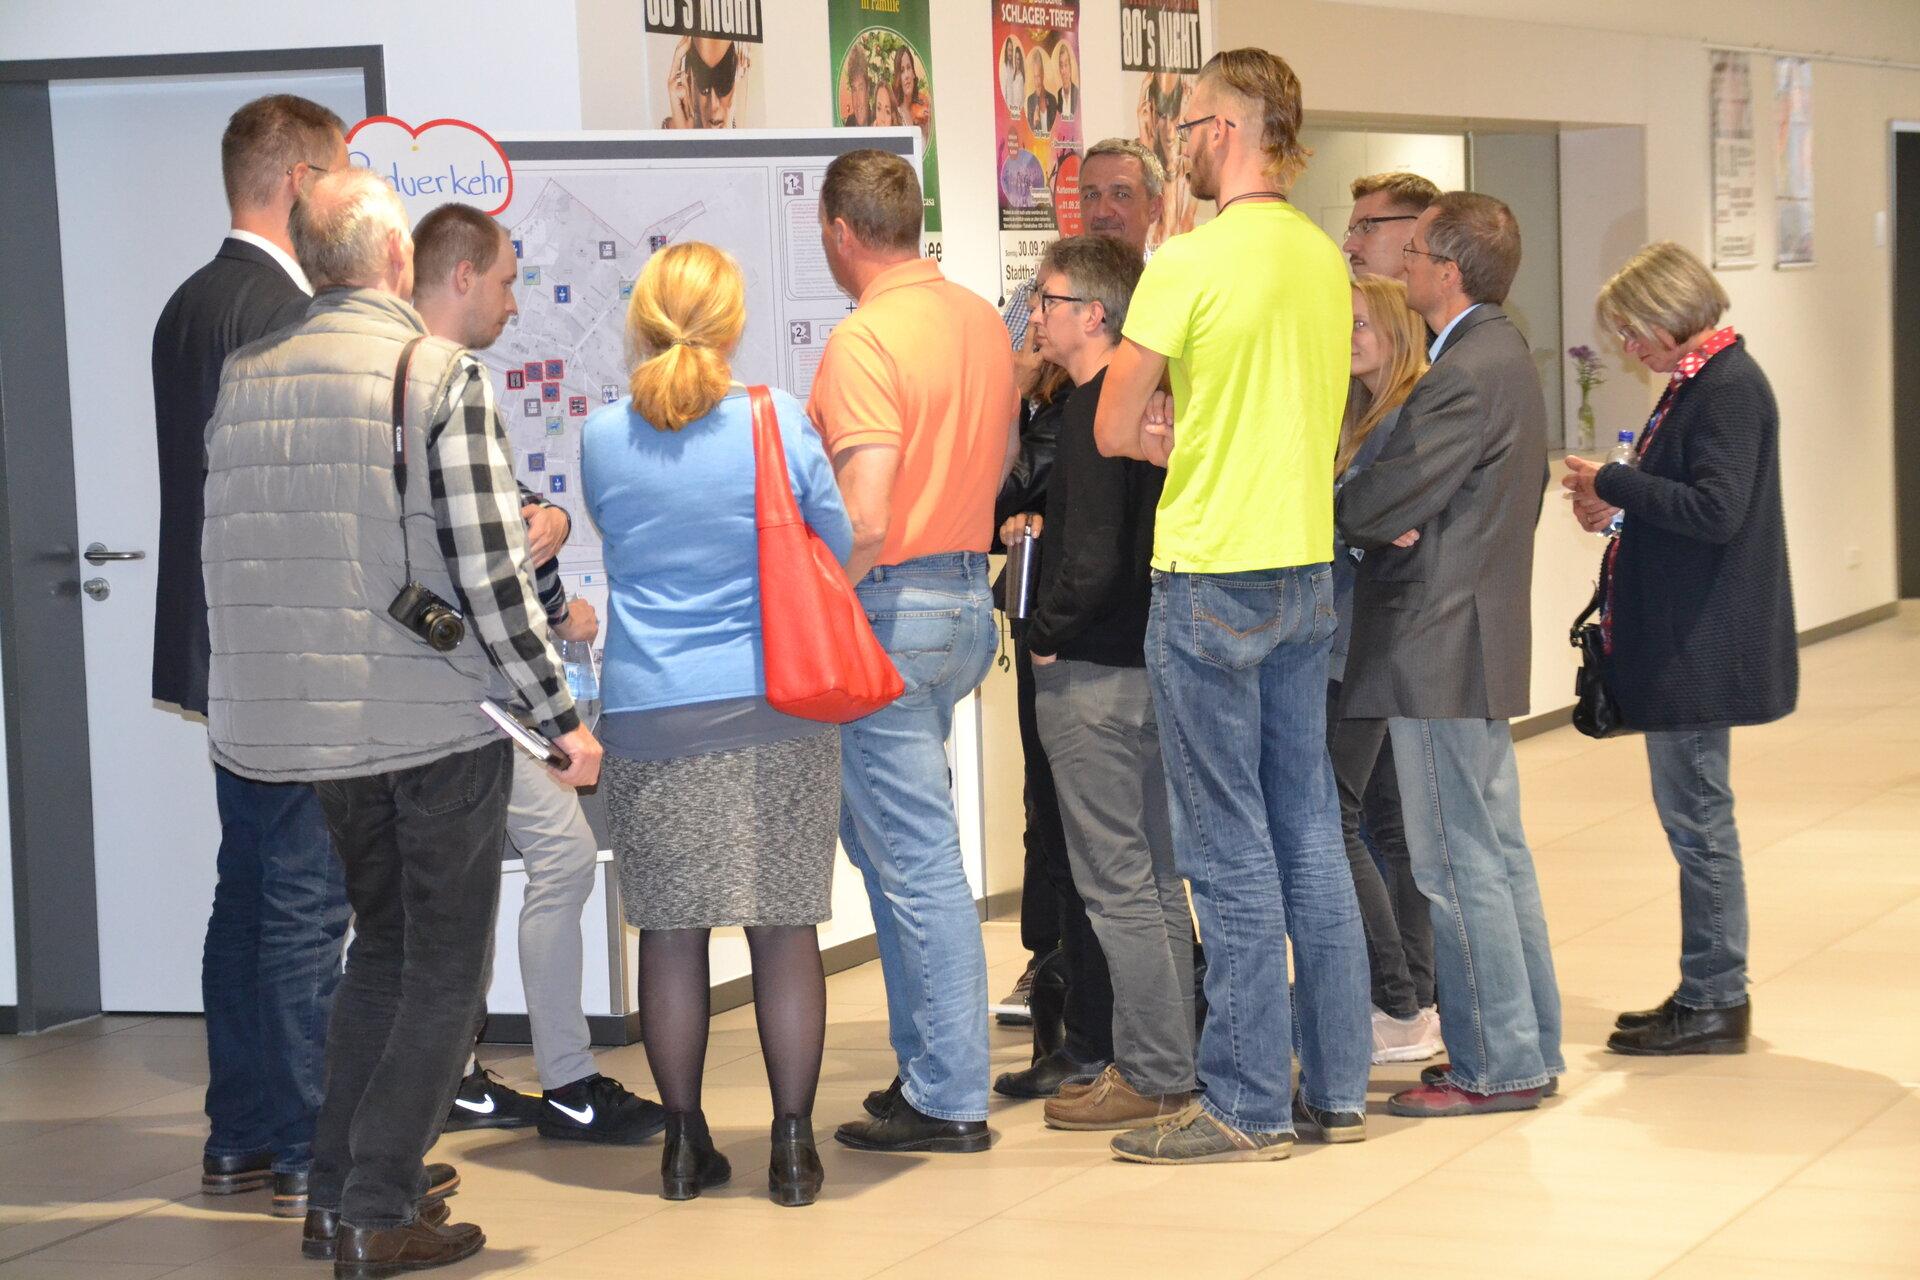 Oktober 2018: Offene Bürgerwerkstatt zum Parkraumkonzept in der Stadthalle (Quelle: Stadtarchiv).